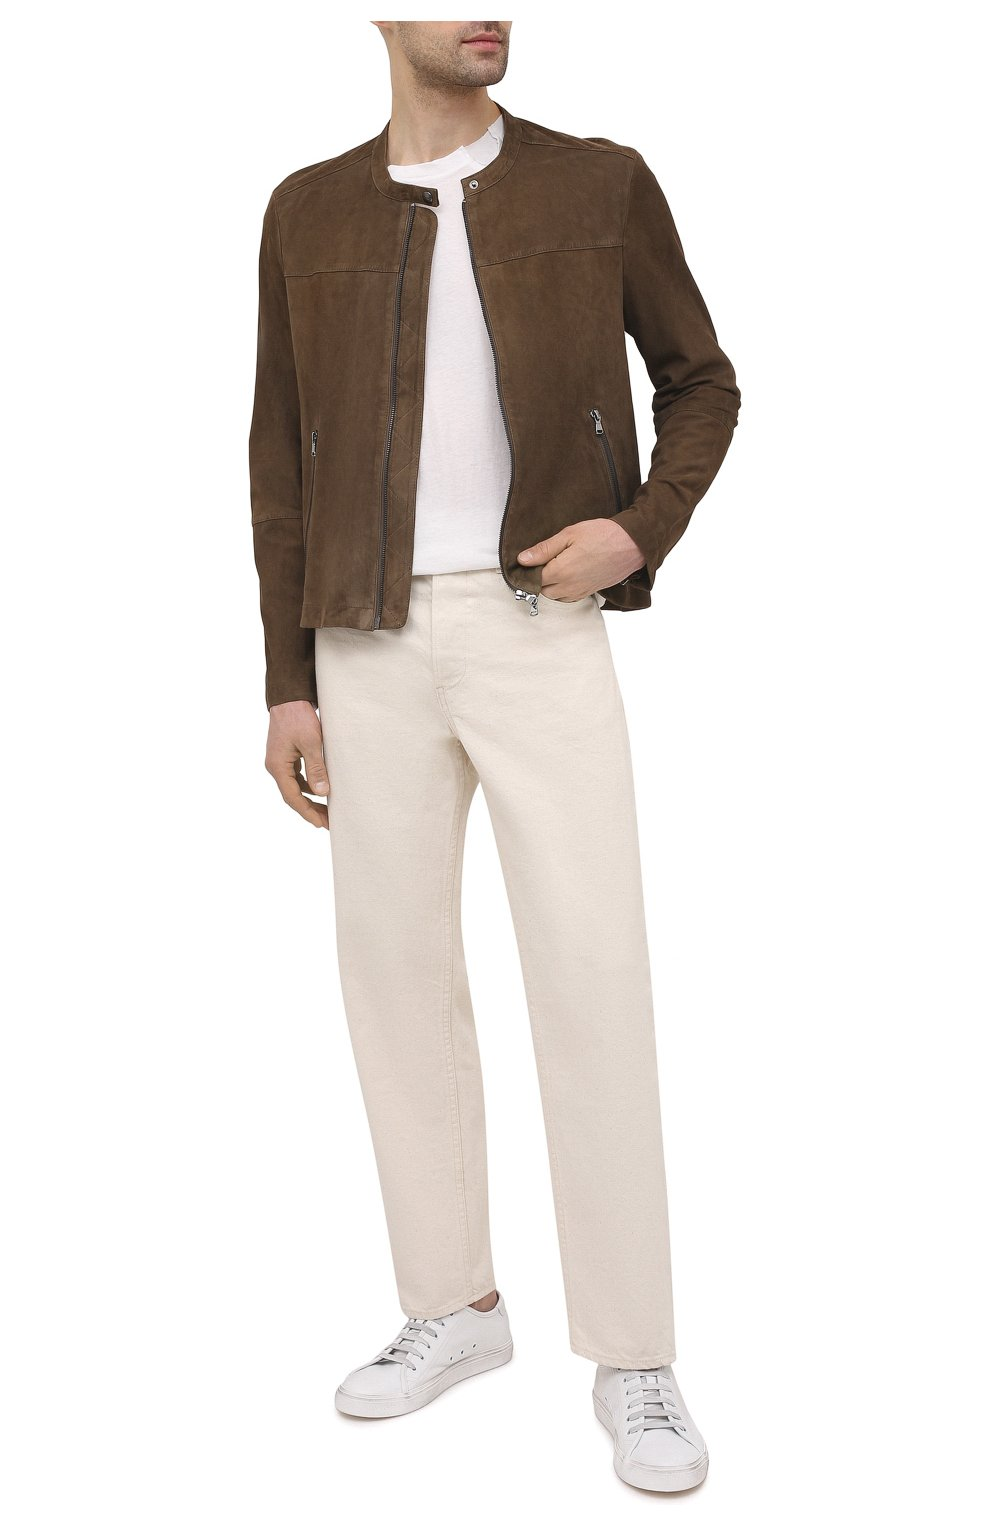 Мужская замшевая куртка GIORGIO BRATO коричневого цвета, арт. GU21S9451G0SU   Фото 2 (Кросс-КТ: Куртка; Материал внешний: Замша; Рукава: Длинные; Мужское Кросс-КТ: Кожа и замша; Длина (верхняя одежда): Короткие; Стили: Кэжуэл)